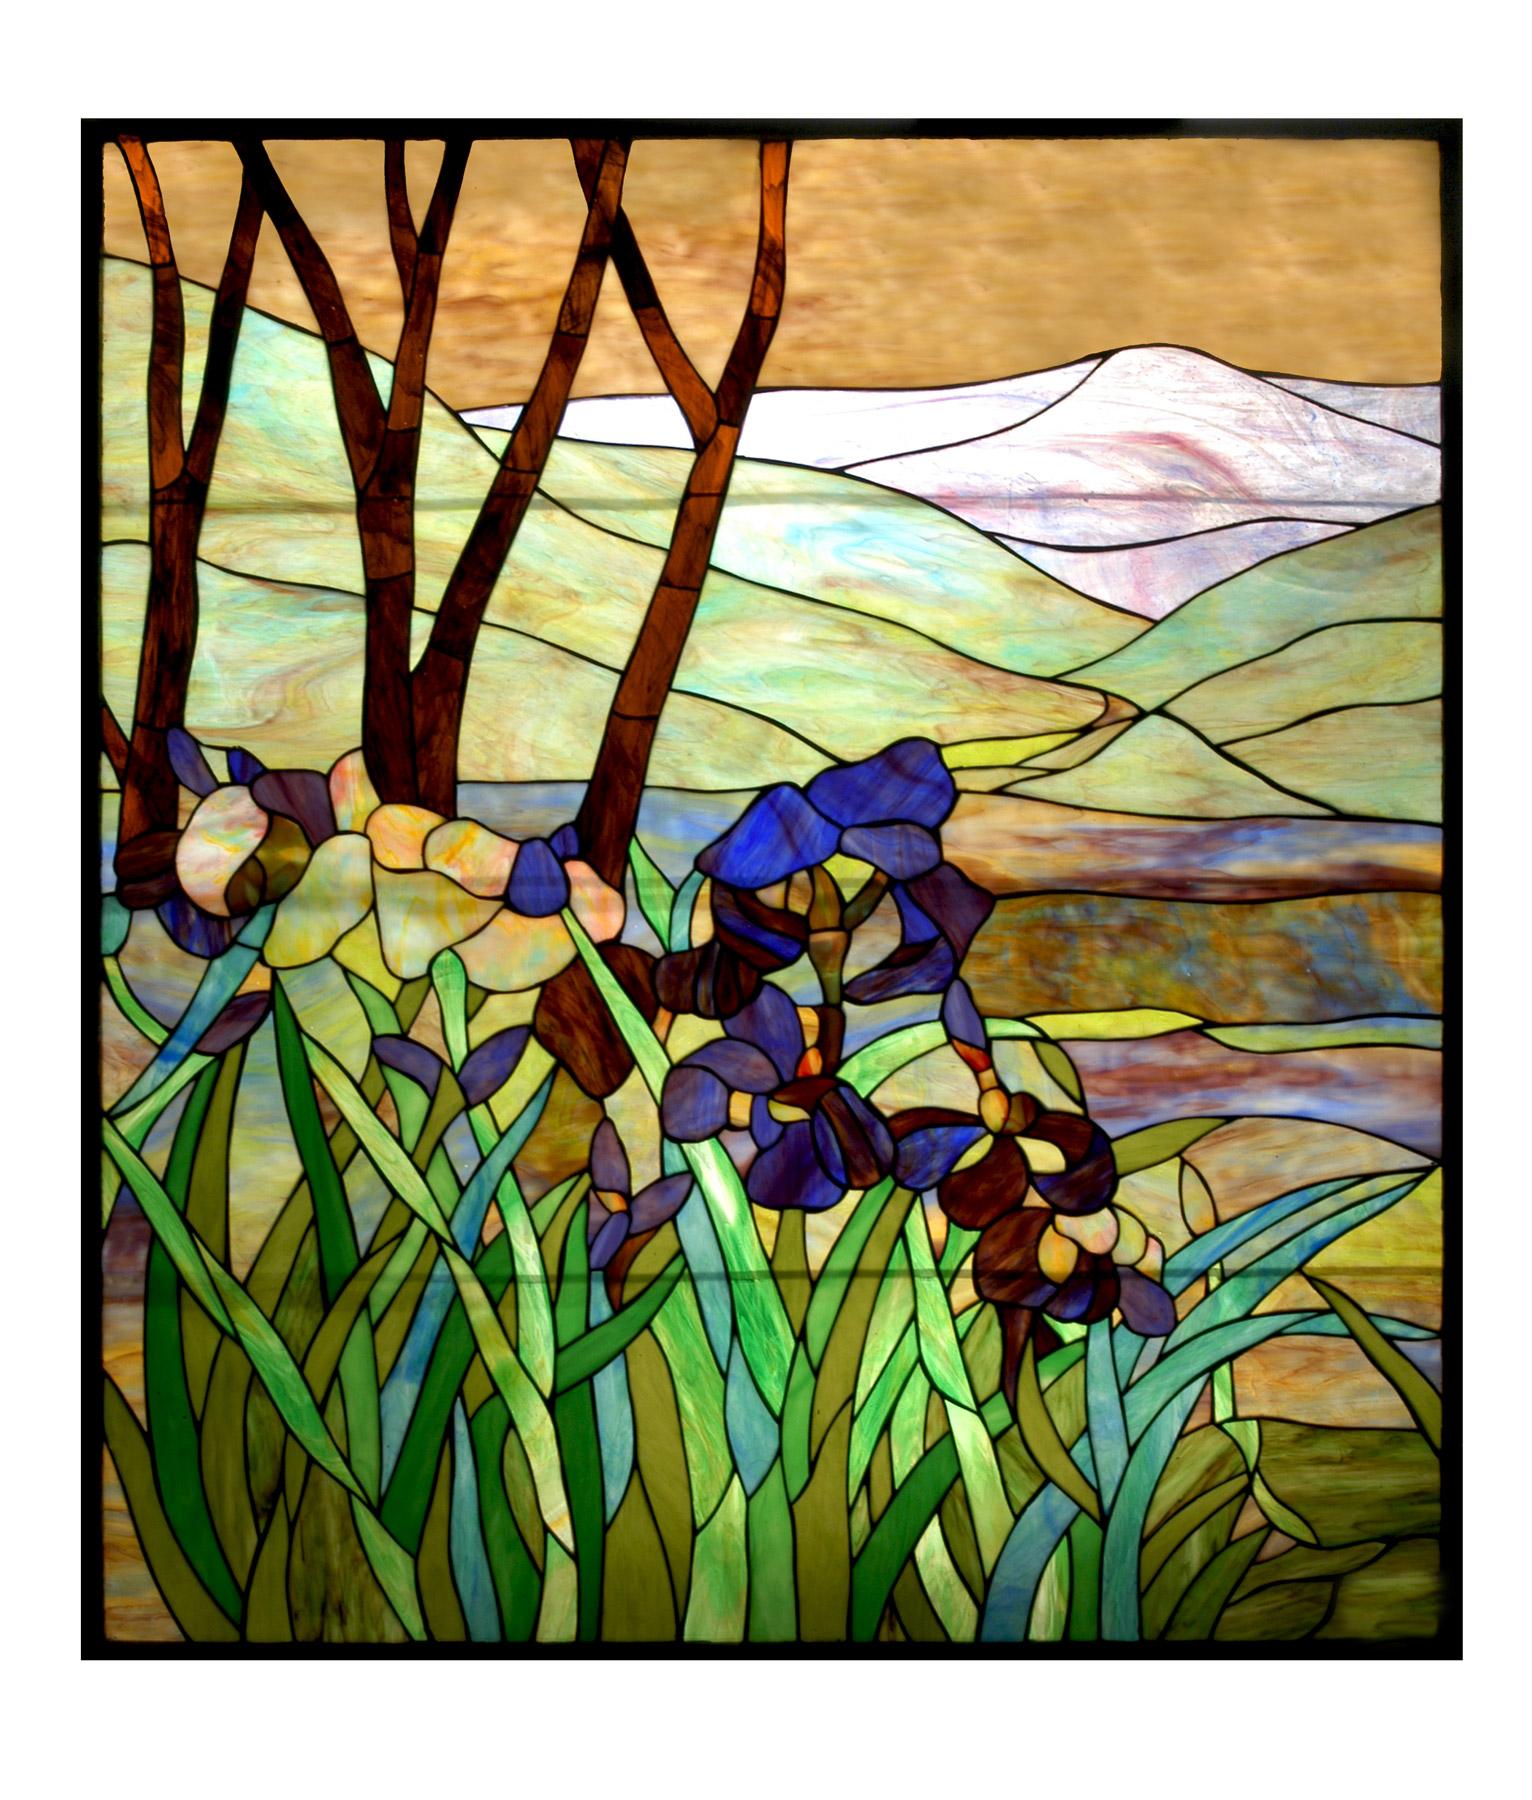 Meyda 72473 Tiffany Iris Custom Stained Glass Window